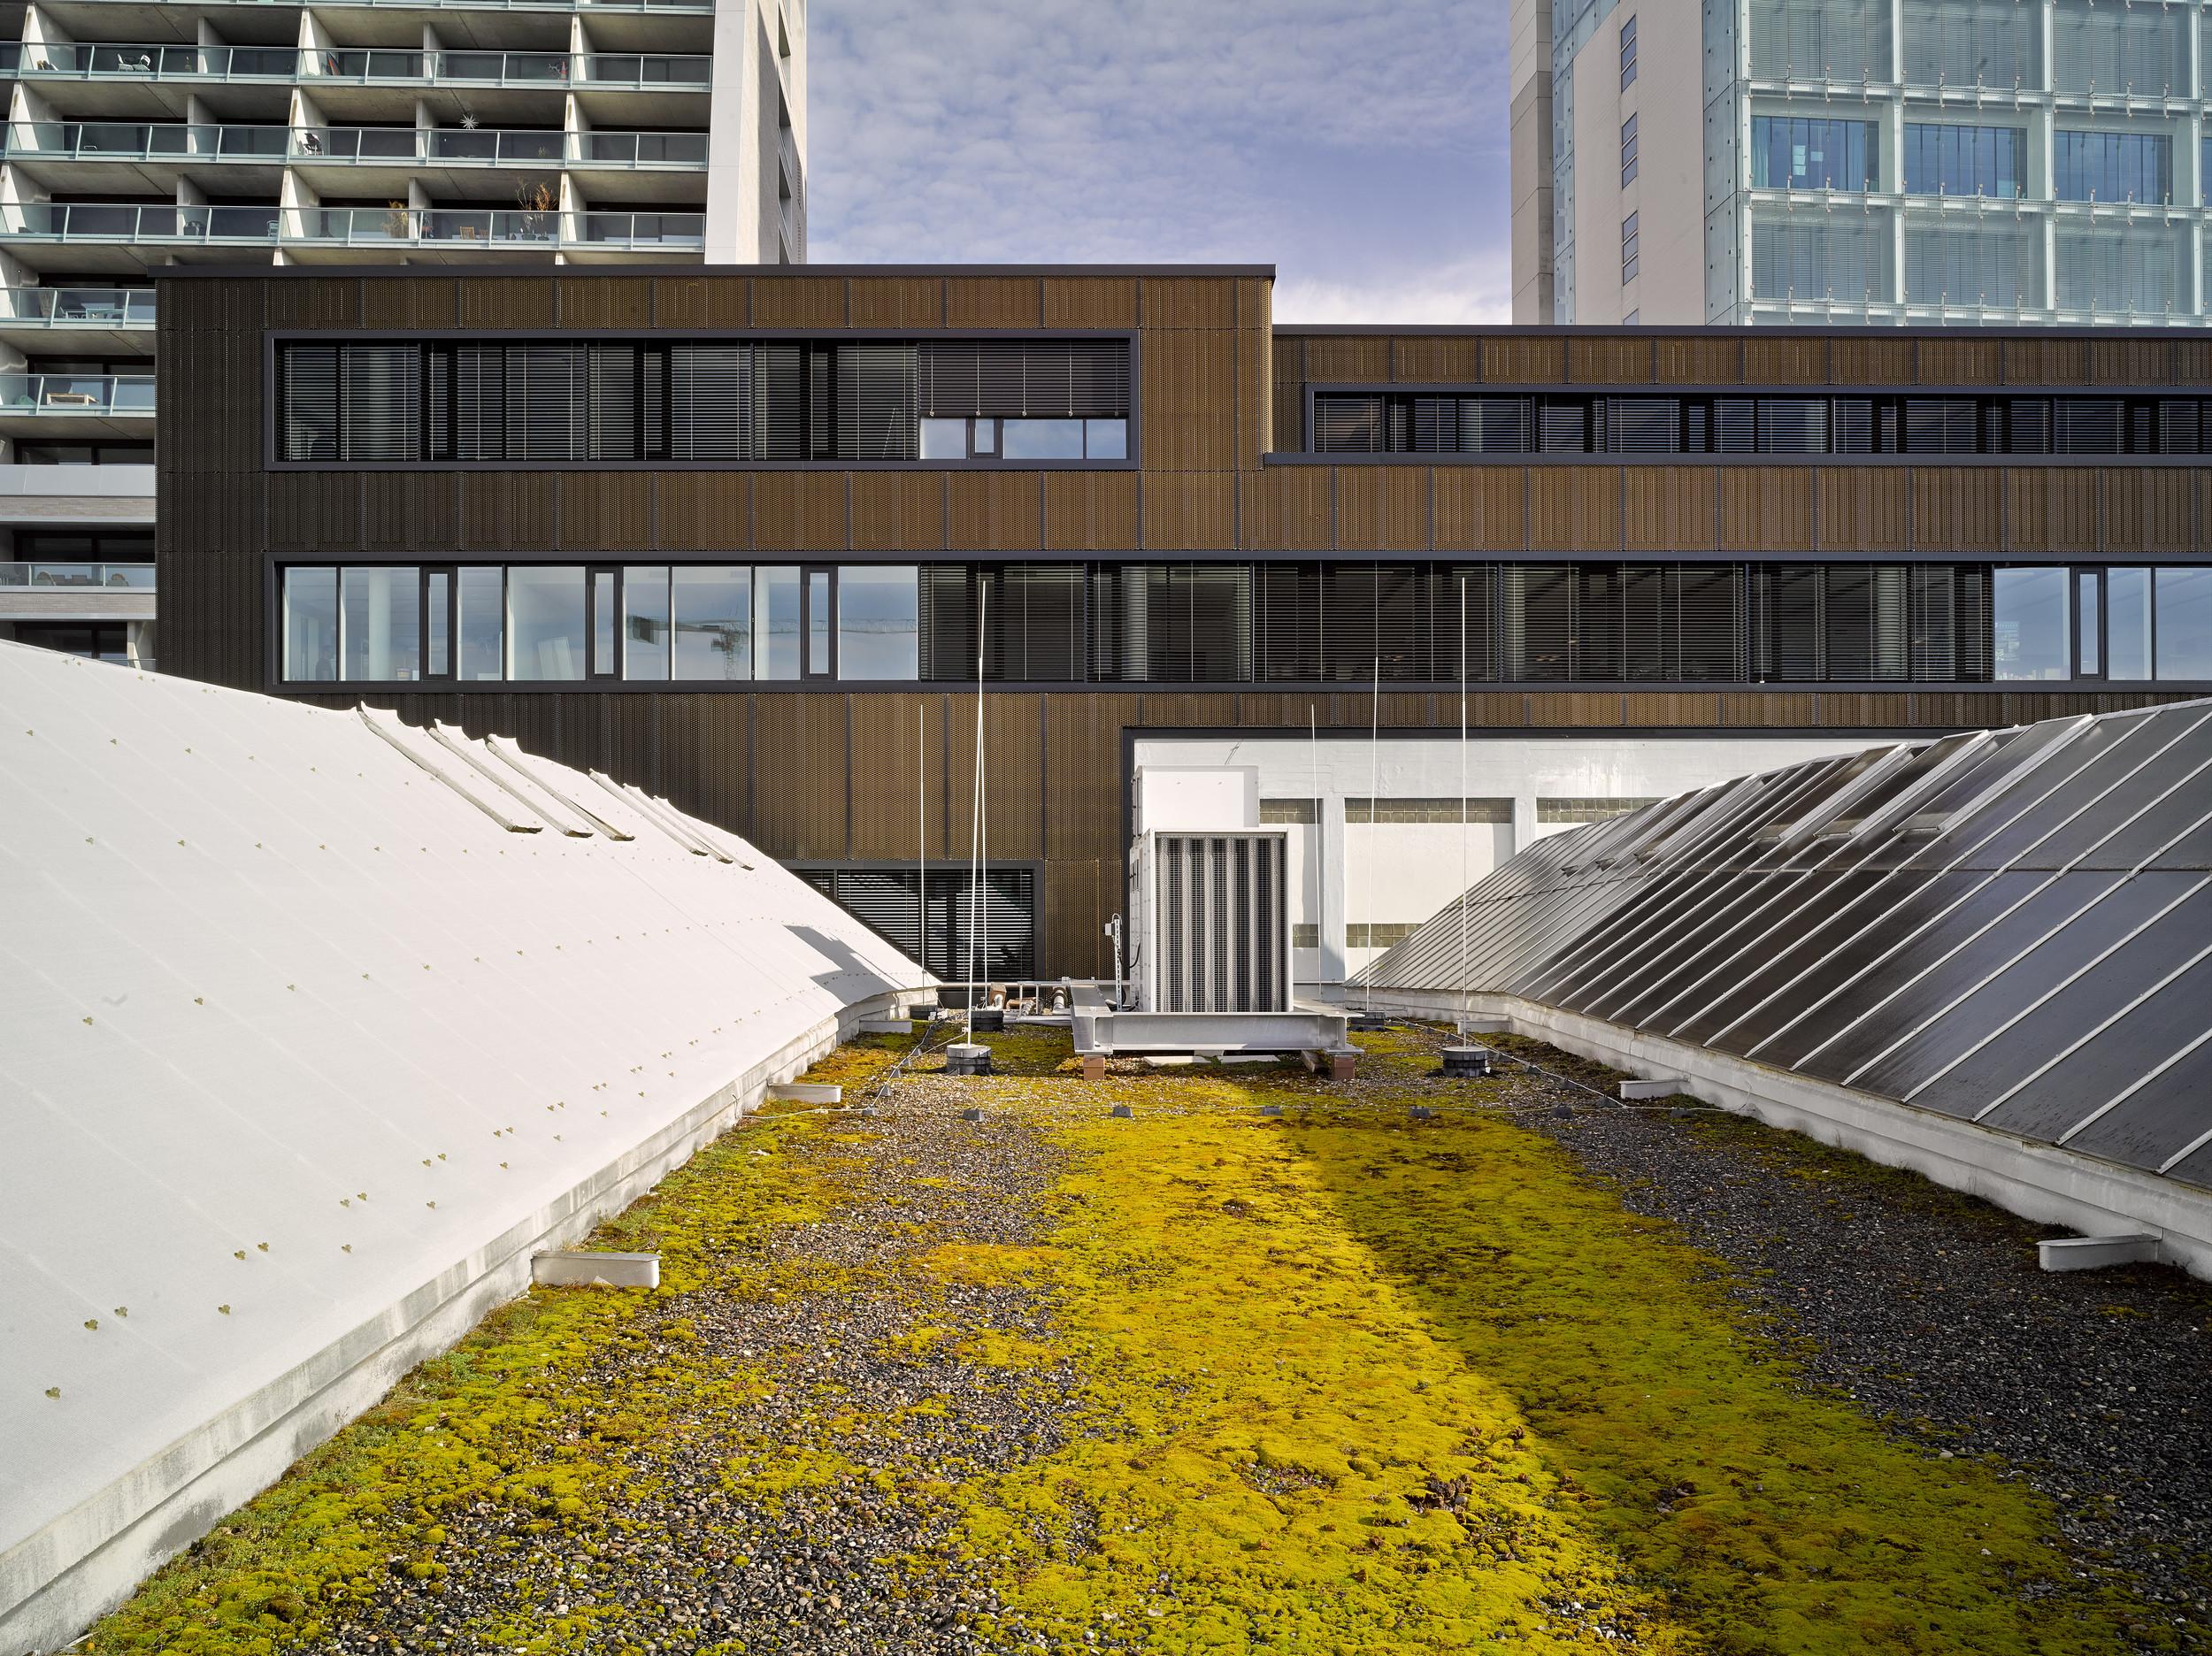 mehrstöckiges Magazingebäude mit gleich grossen Fensterelementen